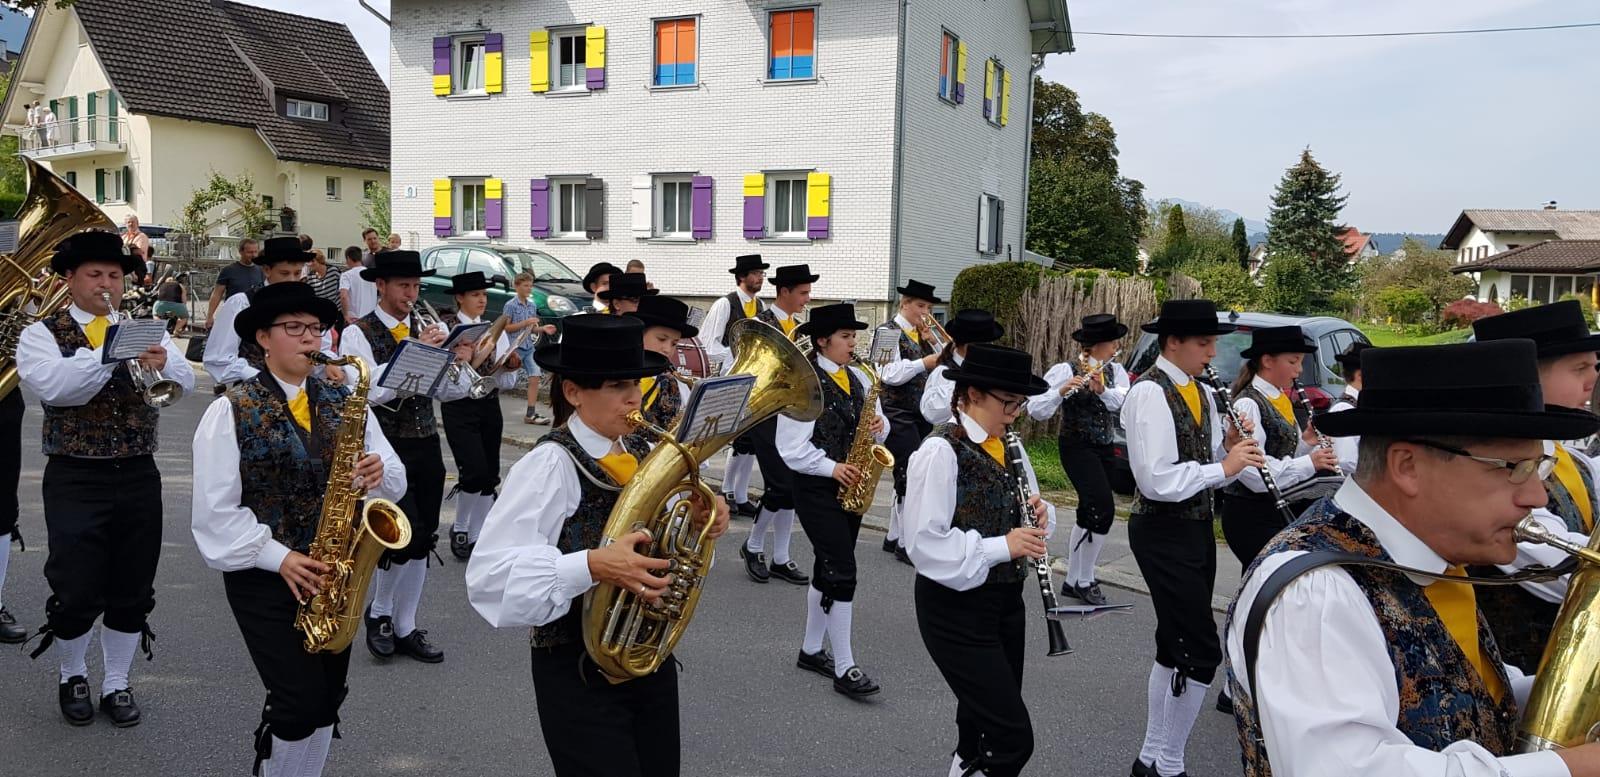 Bockbierfest (5).jpg